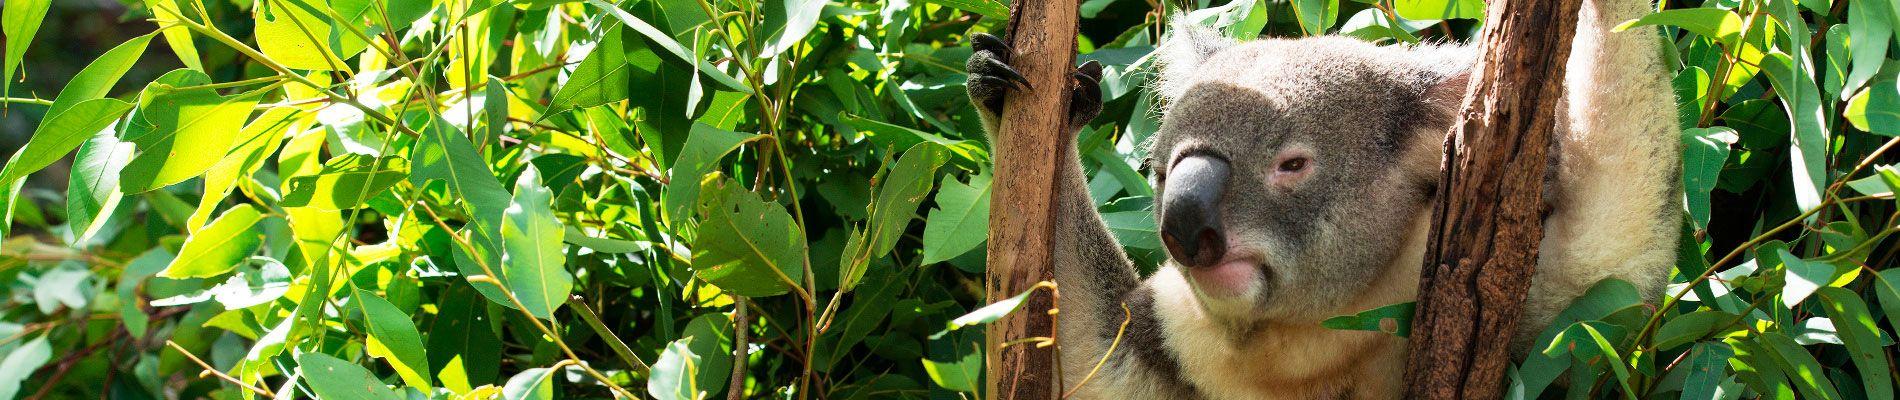 australie-koala-st